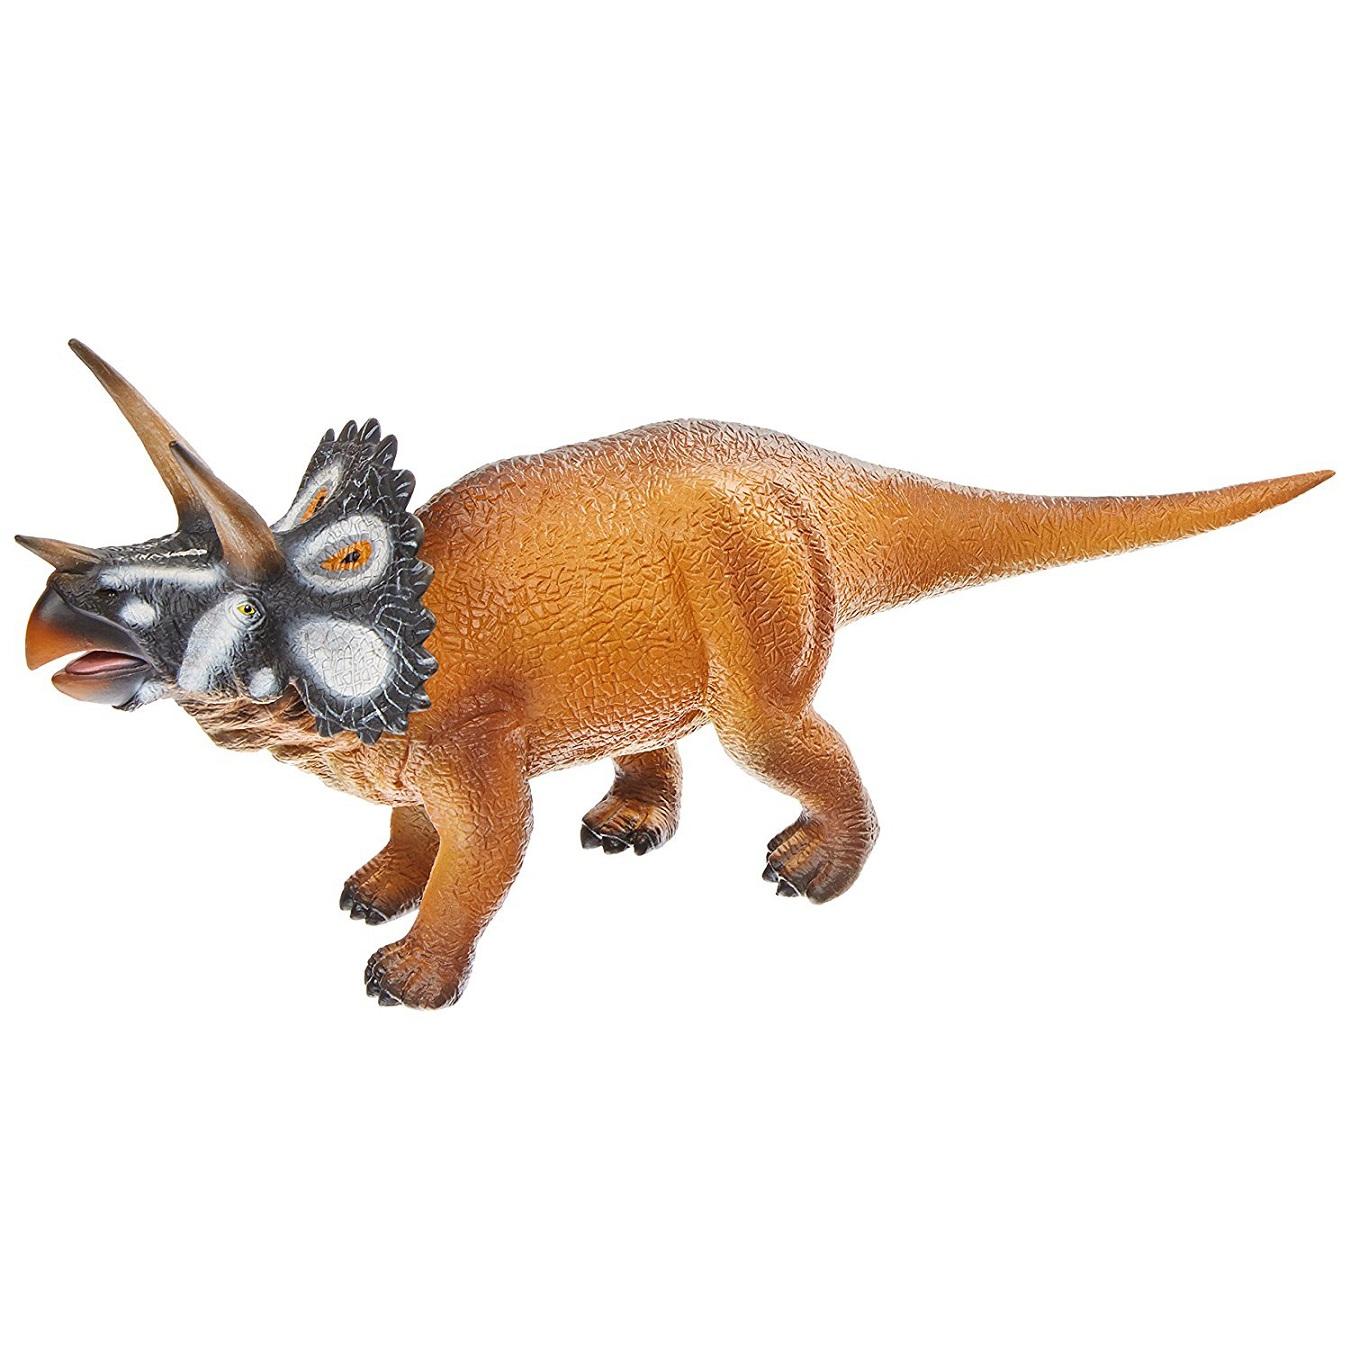 Фигурка Gulliver Collecta - Трицератопс, 1:40Жизнь динозавров (Prehistoric)<br>Фигурка Gulliver Collecta - Трицератопс, 1:40<br>